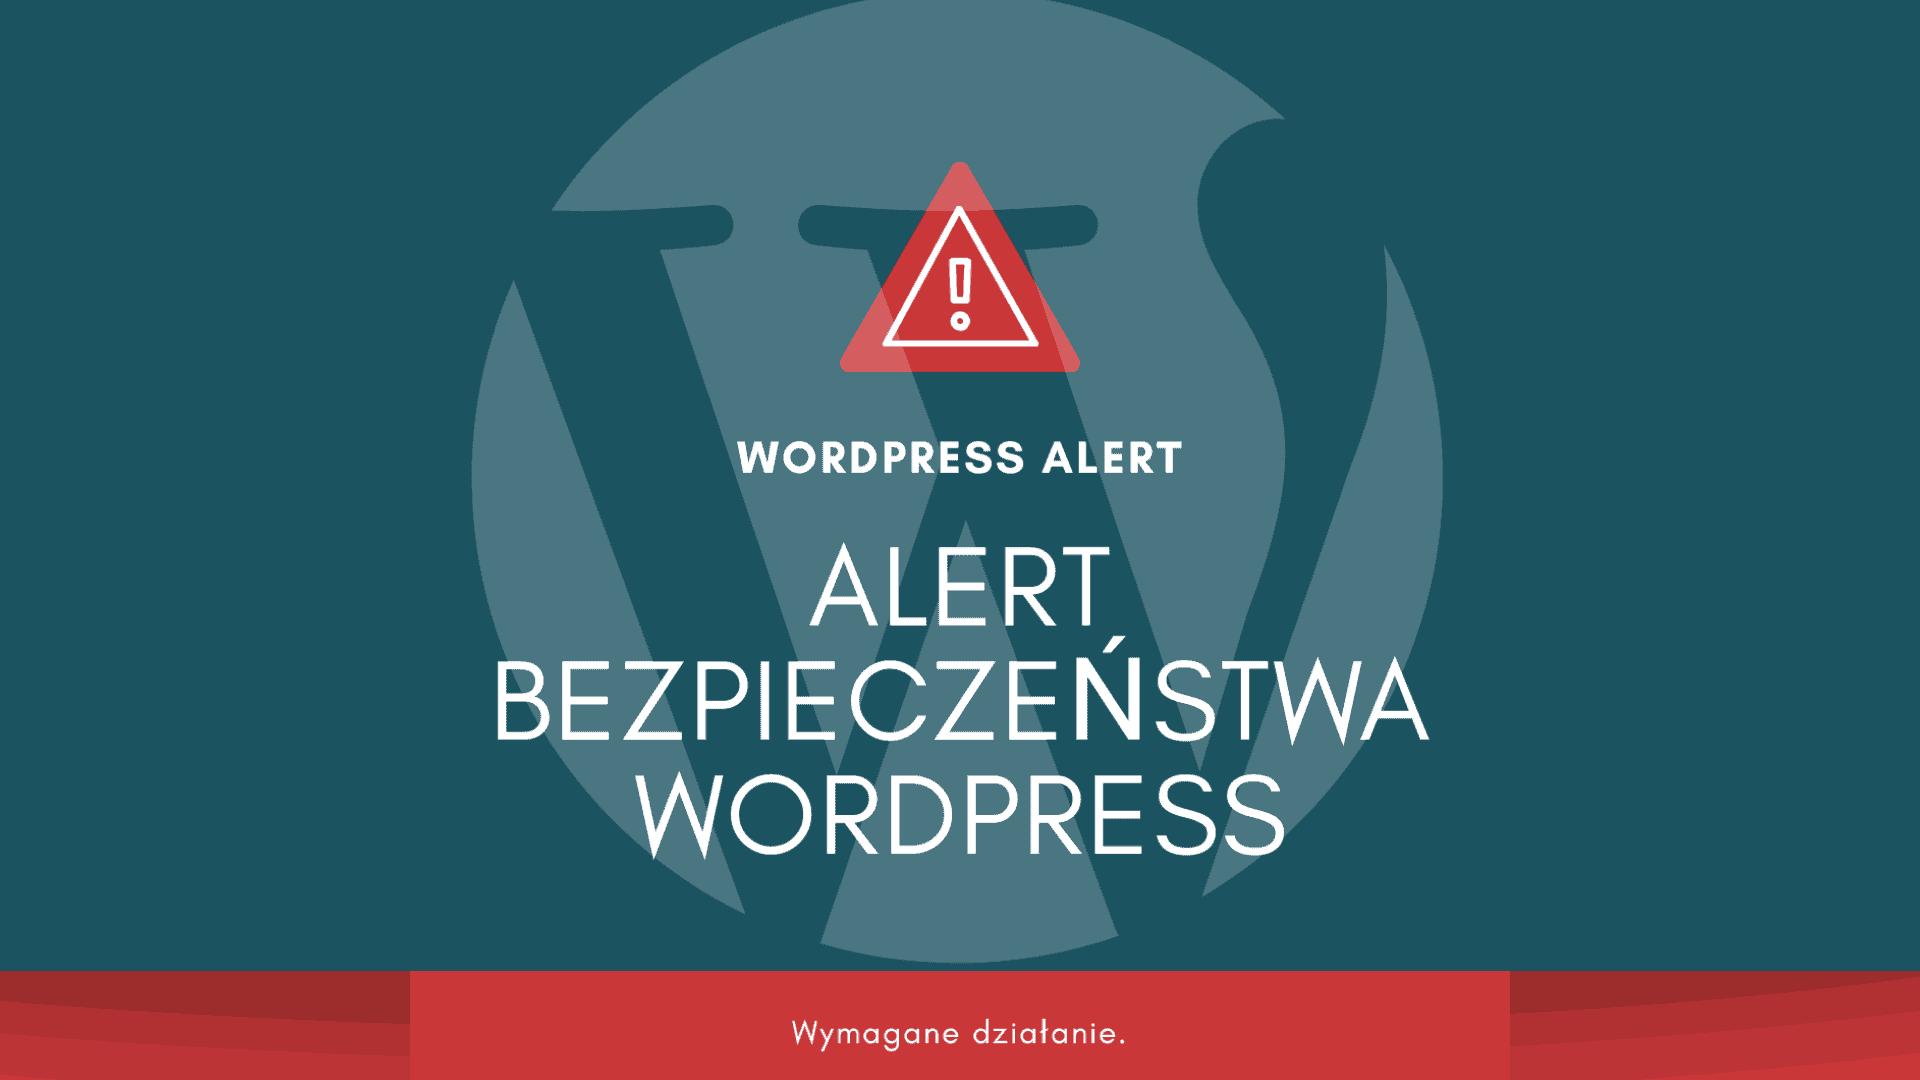 Alert bezpieczeństwa WordPress